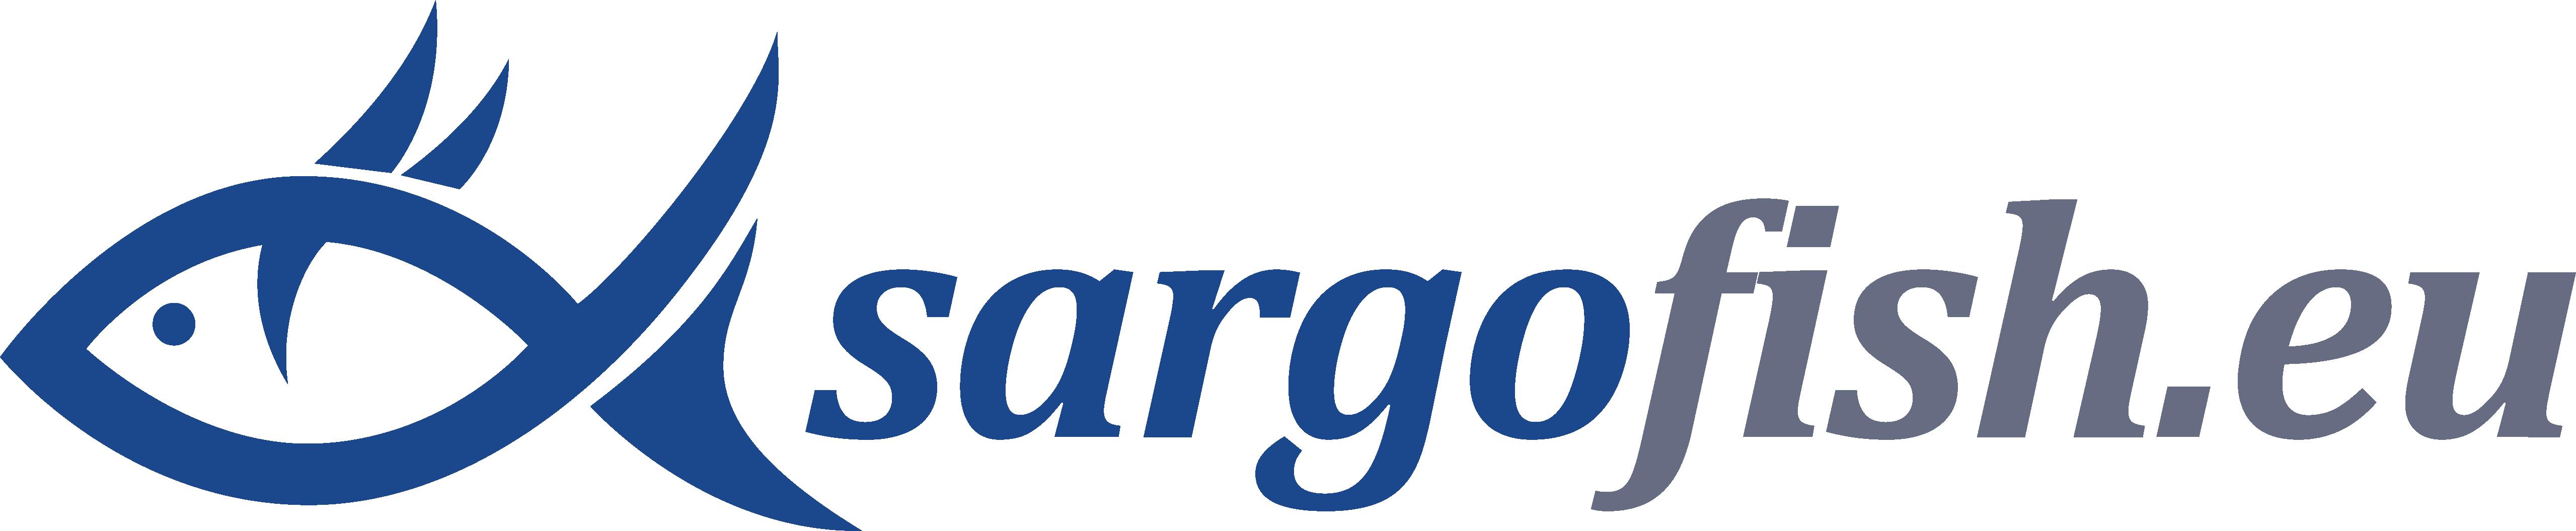 sargofish.png